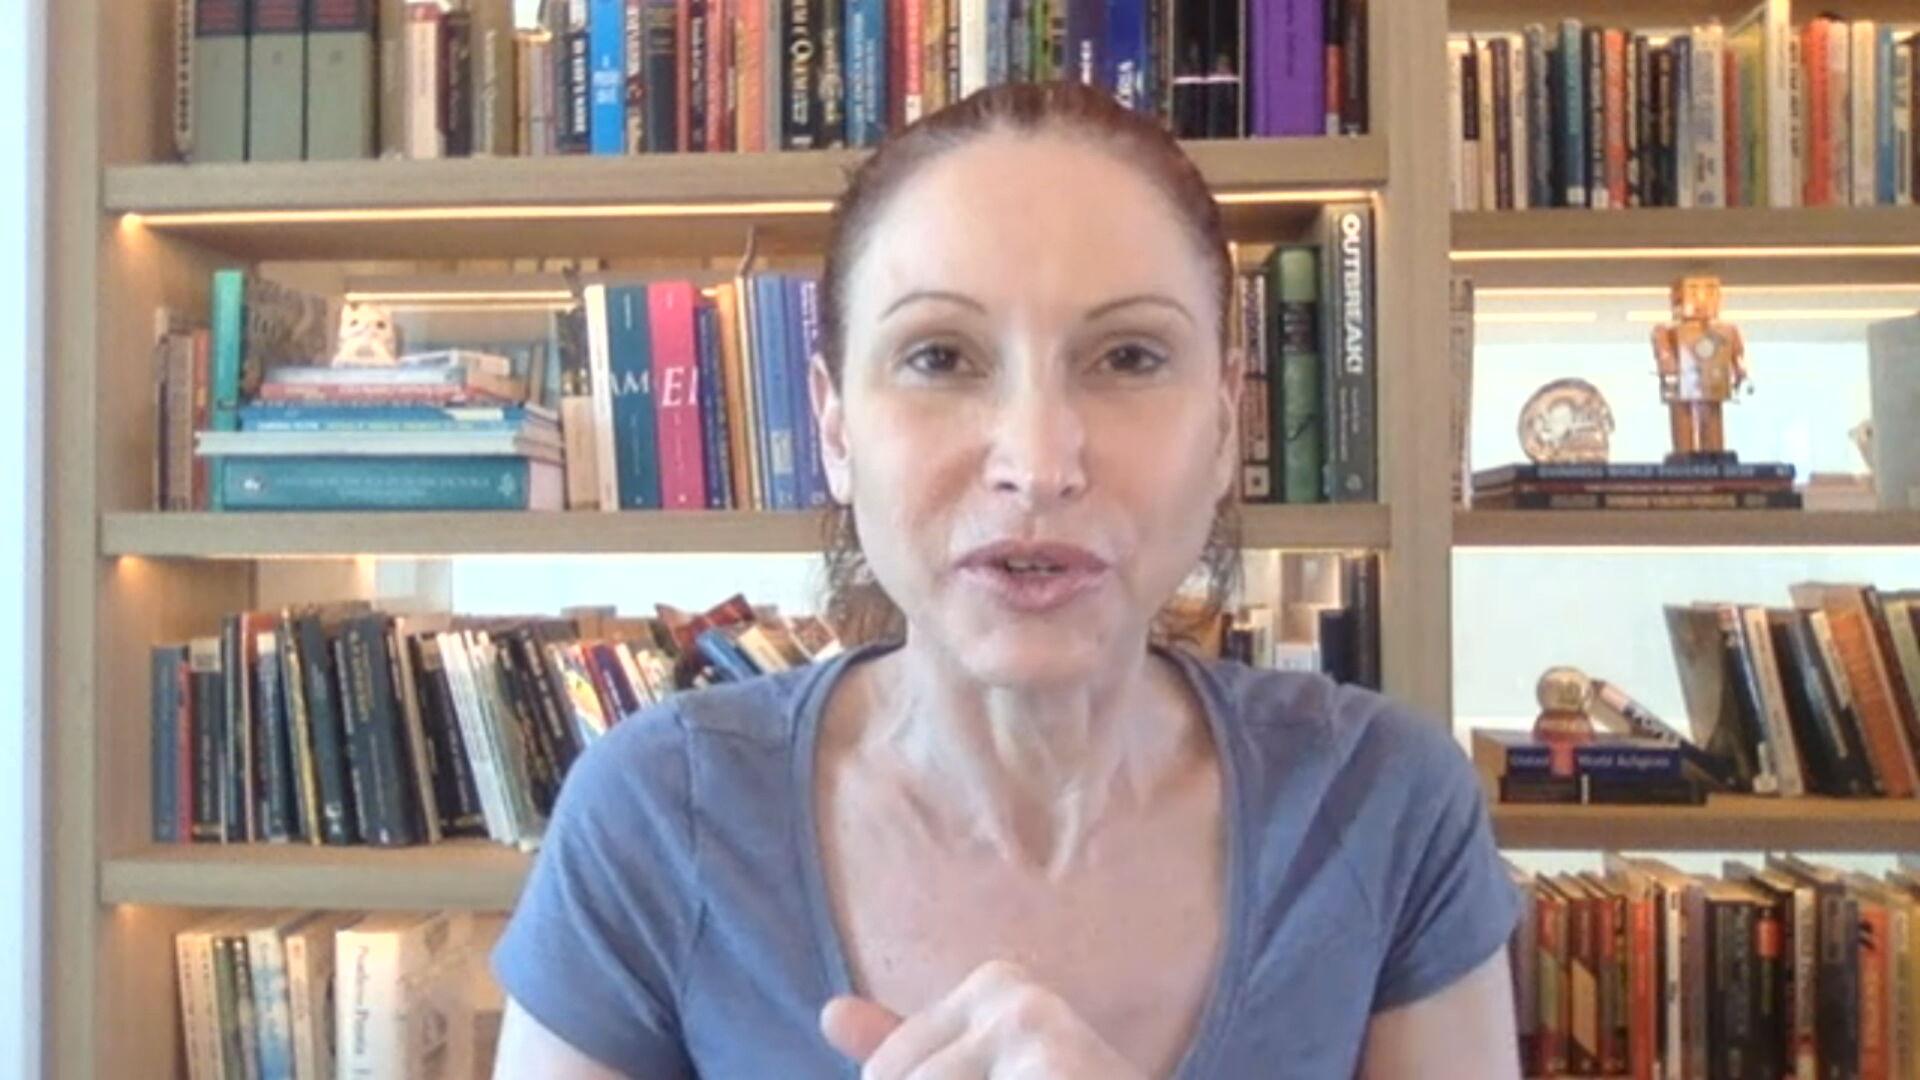 Natália Pasternak, microbiologista e pesquisadora da USP, fala à CNN